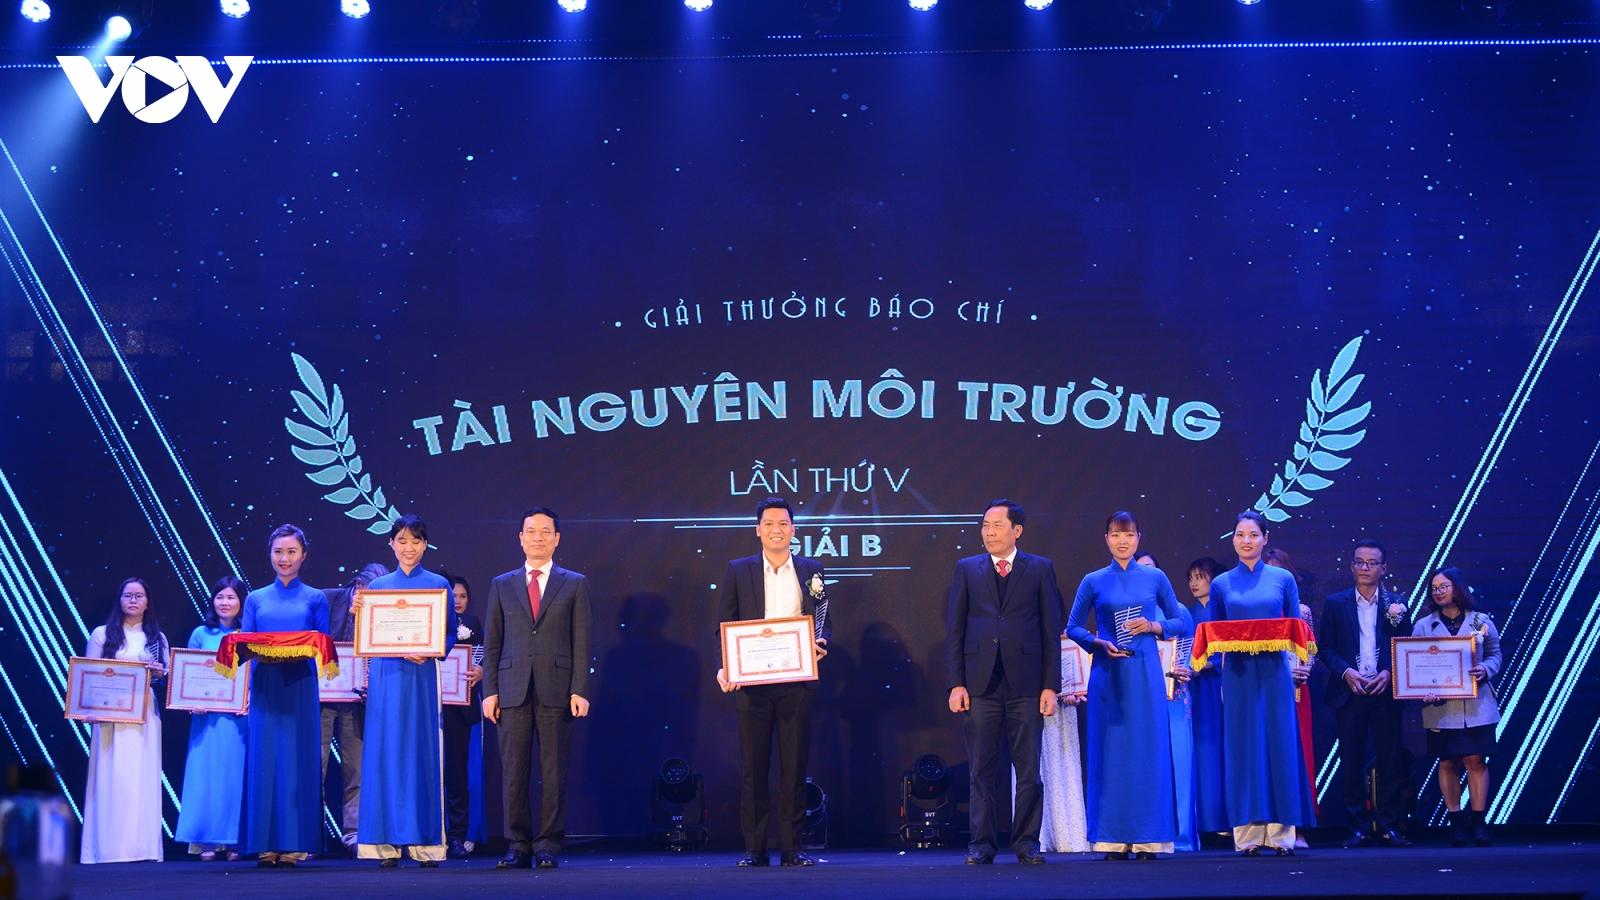 VOV đạt nhiều giải thưởng báo chí về tài nguyên và môi trường